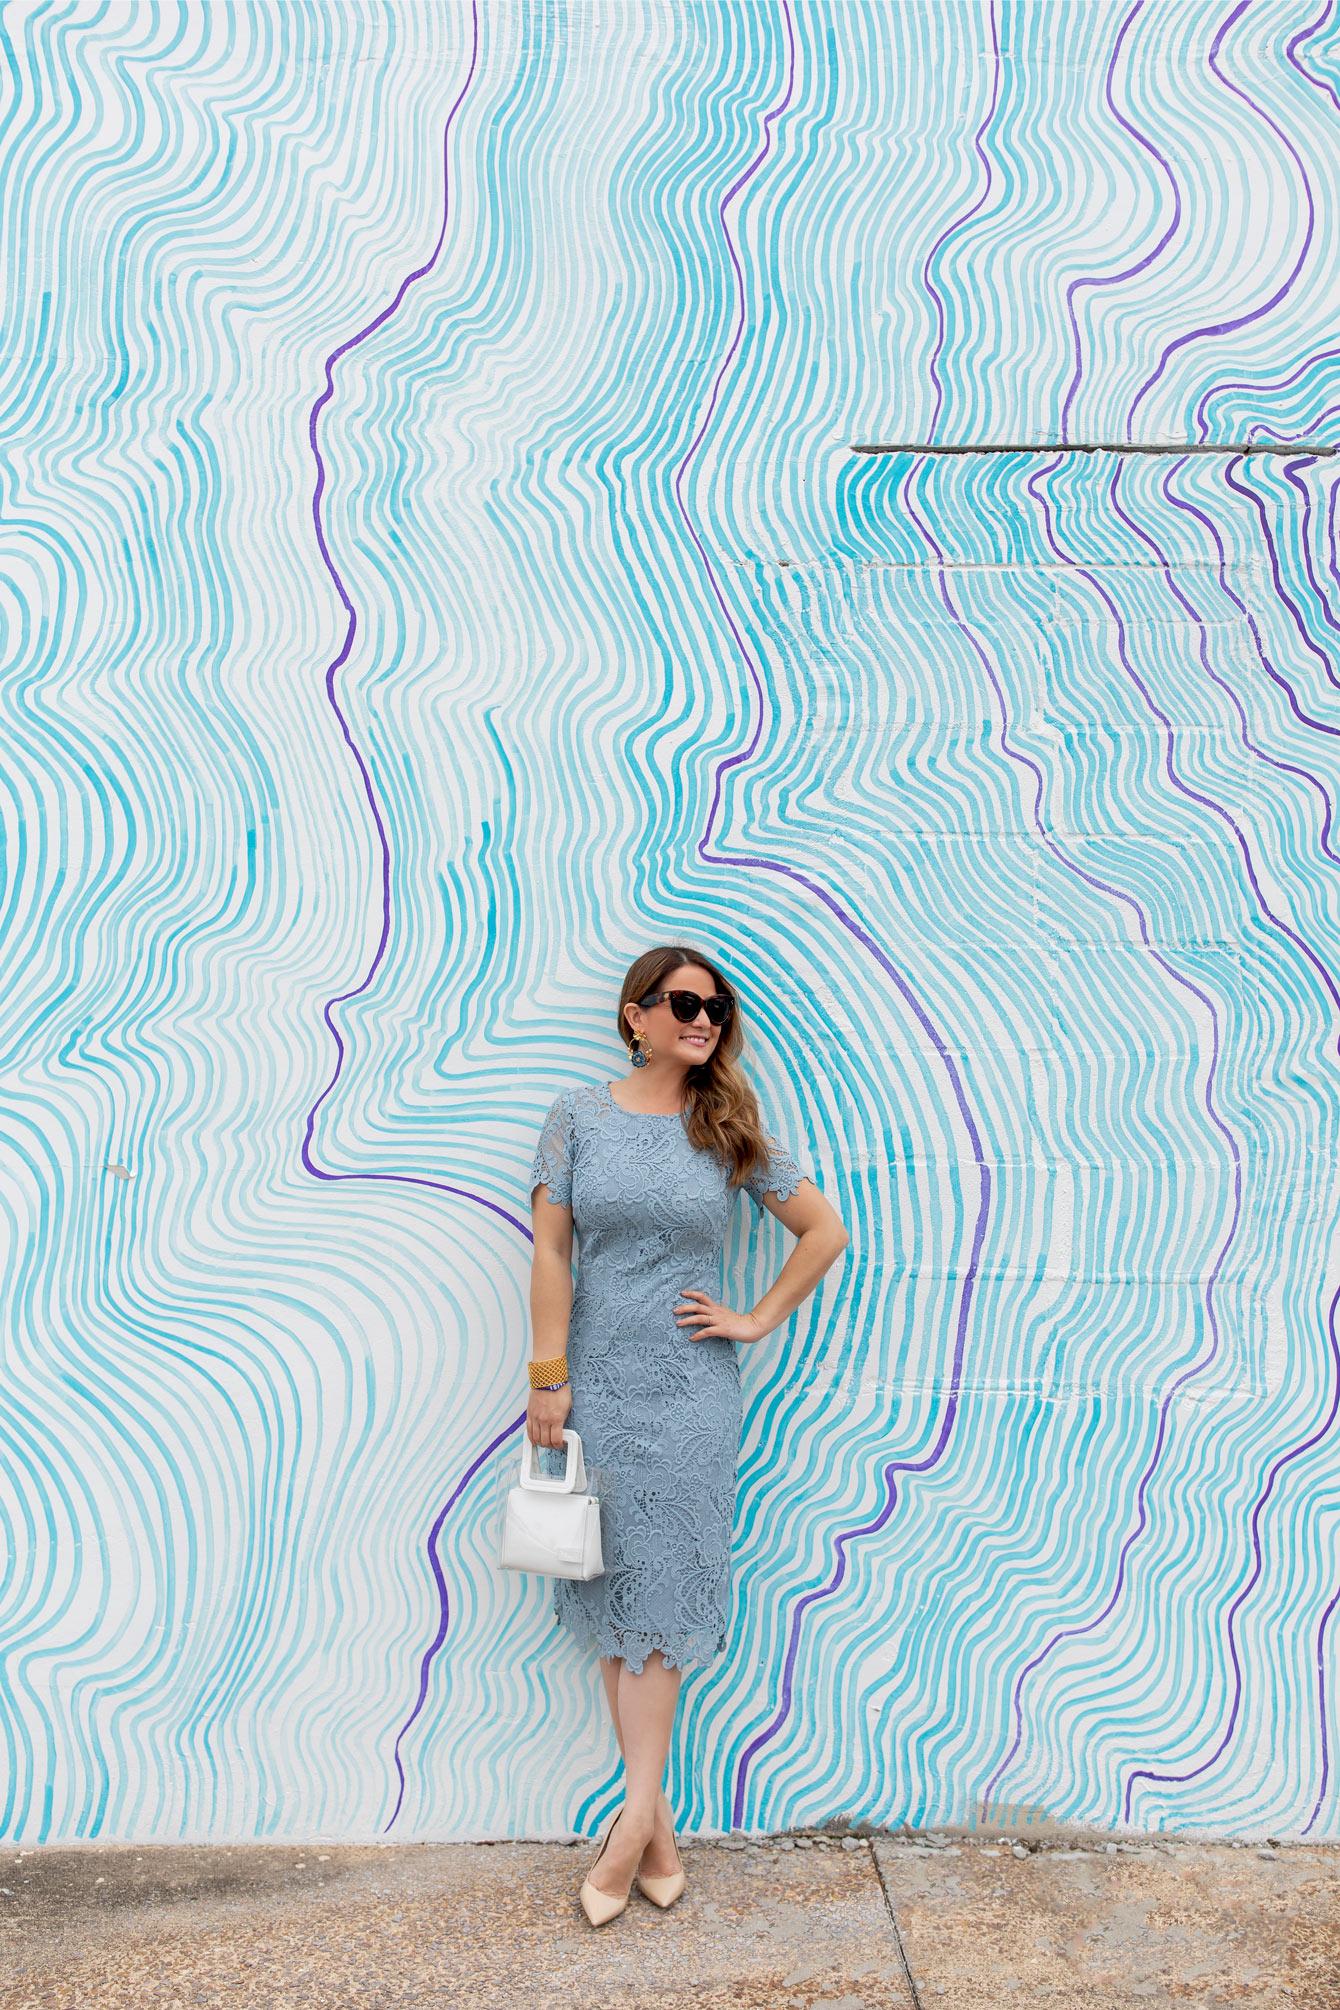 Nashville Colorful Mural